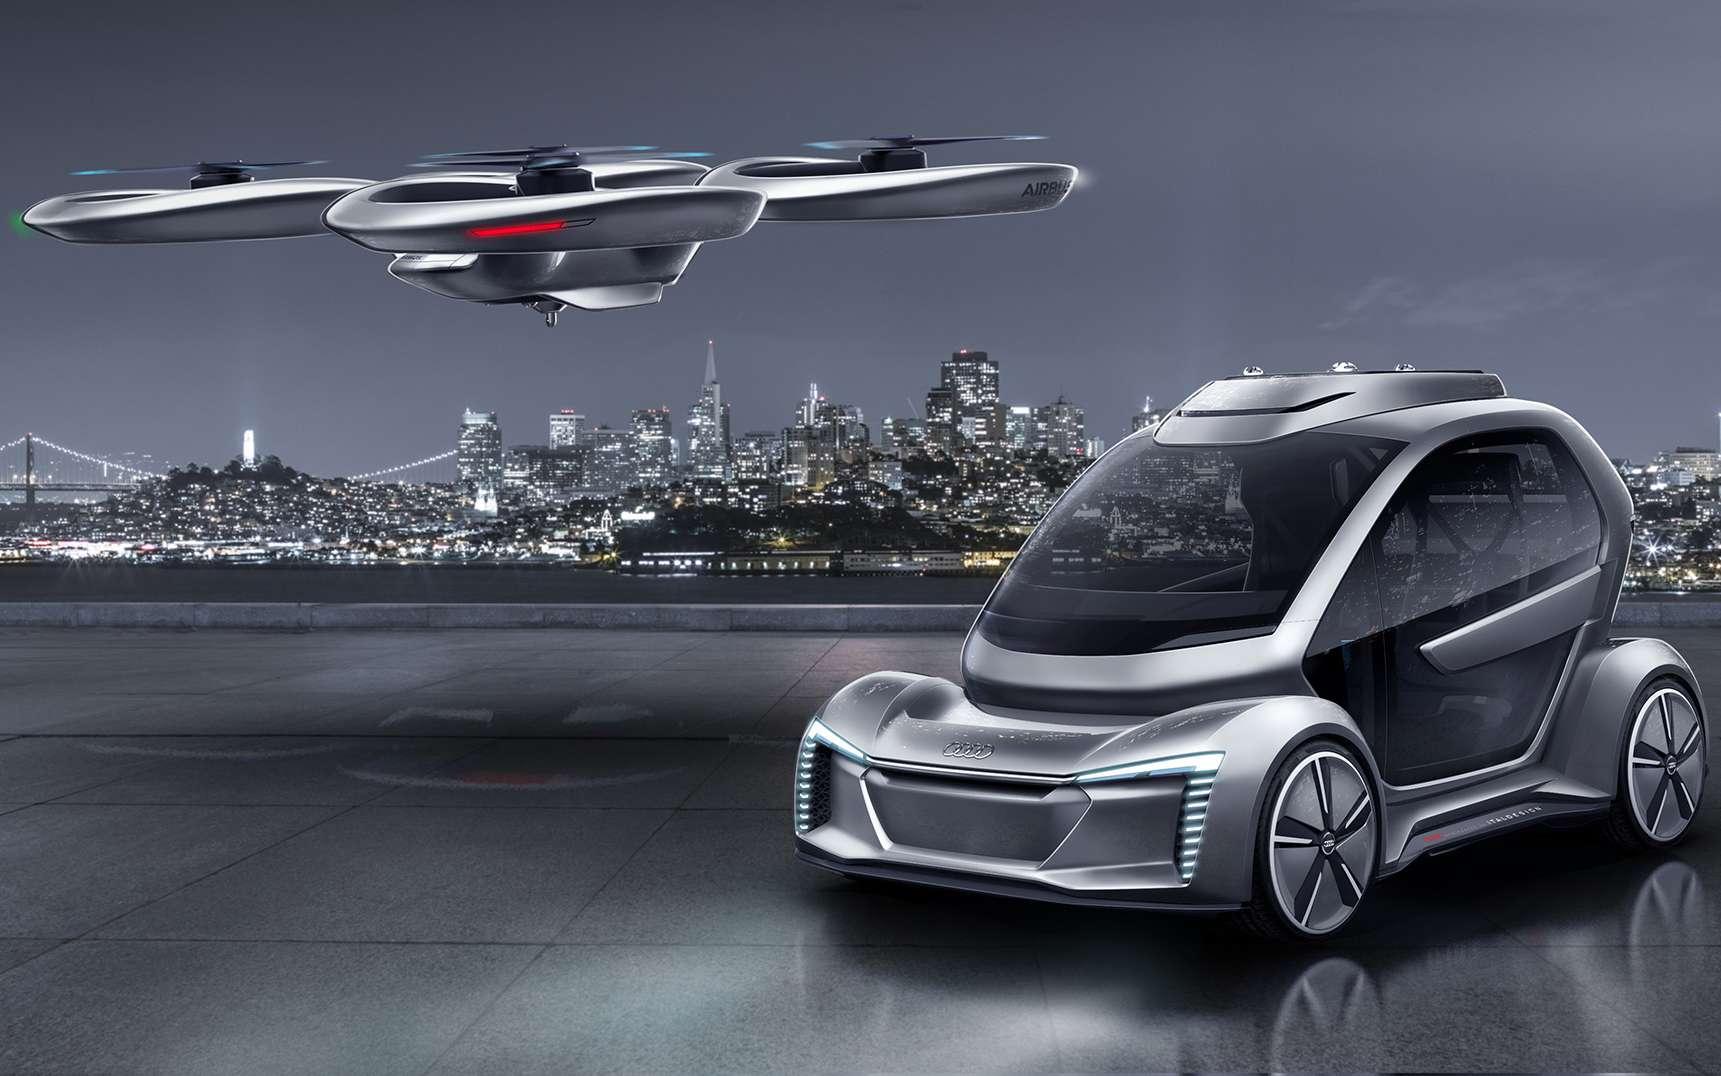 PopUp Next le dronenavette dAirbus et Audi se prcise